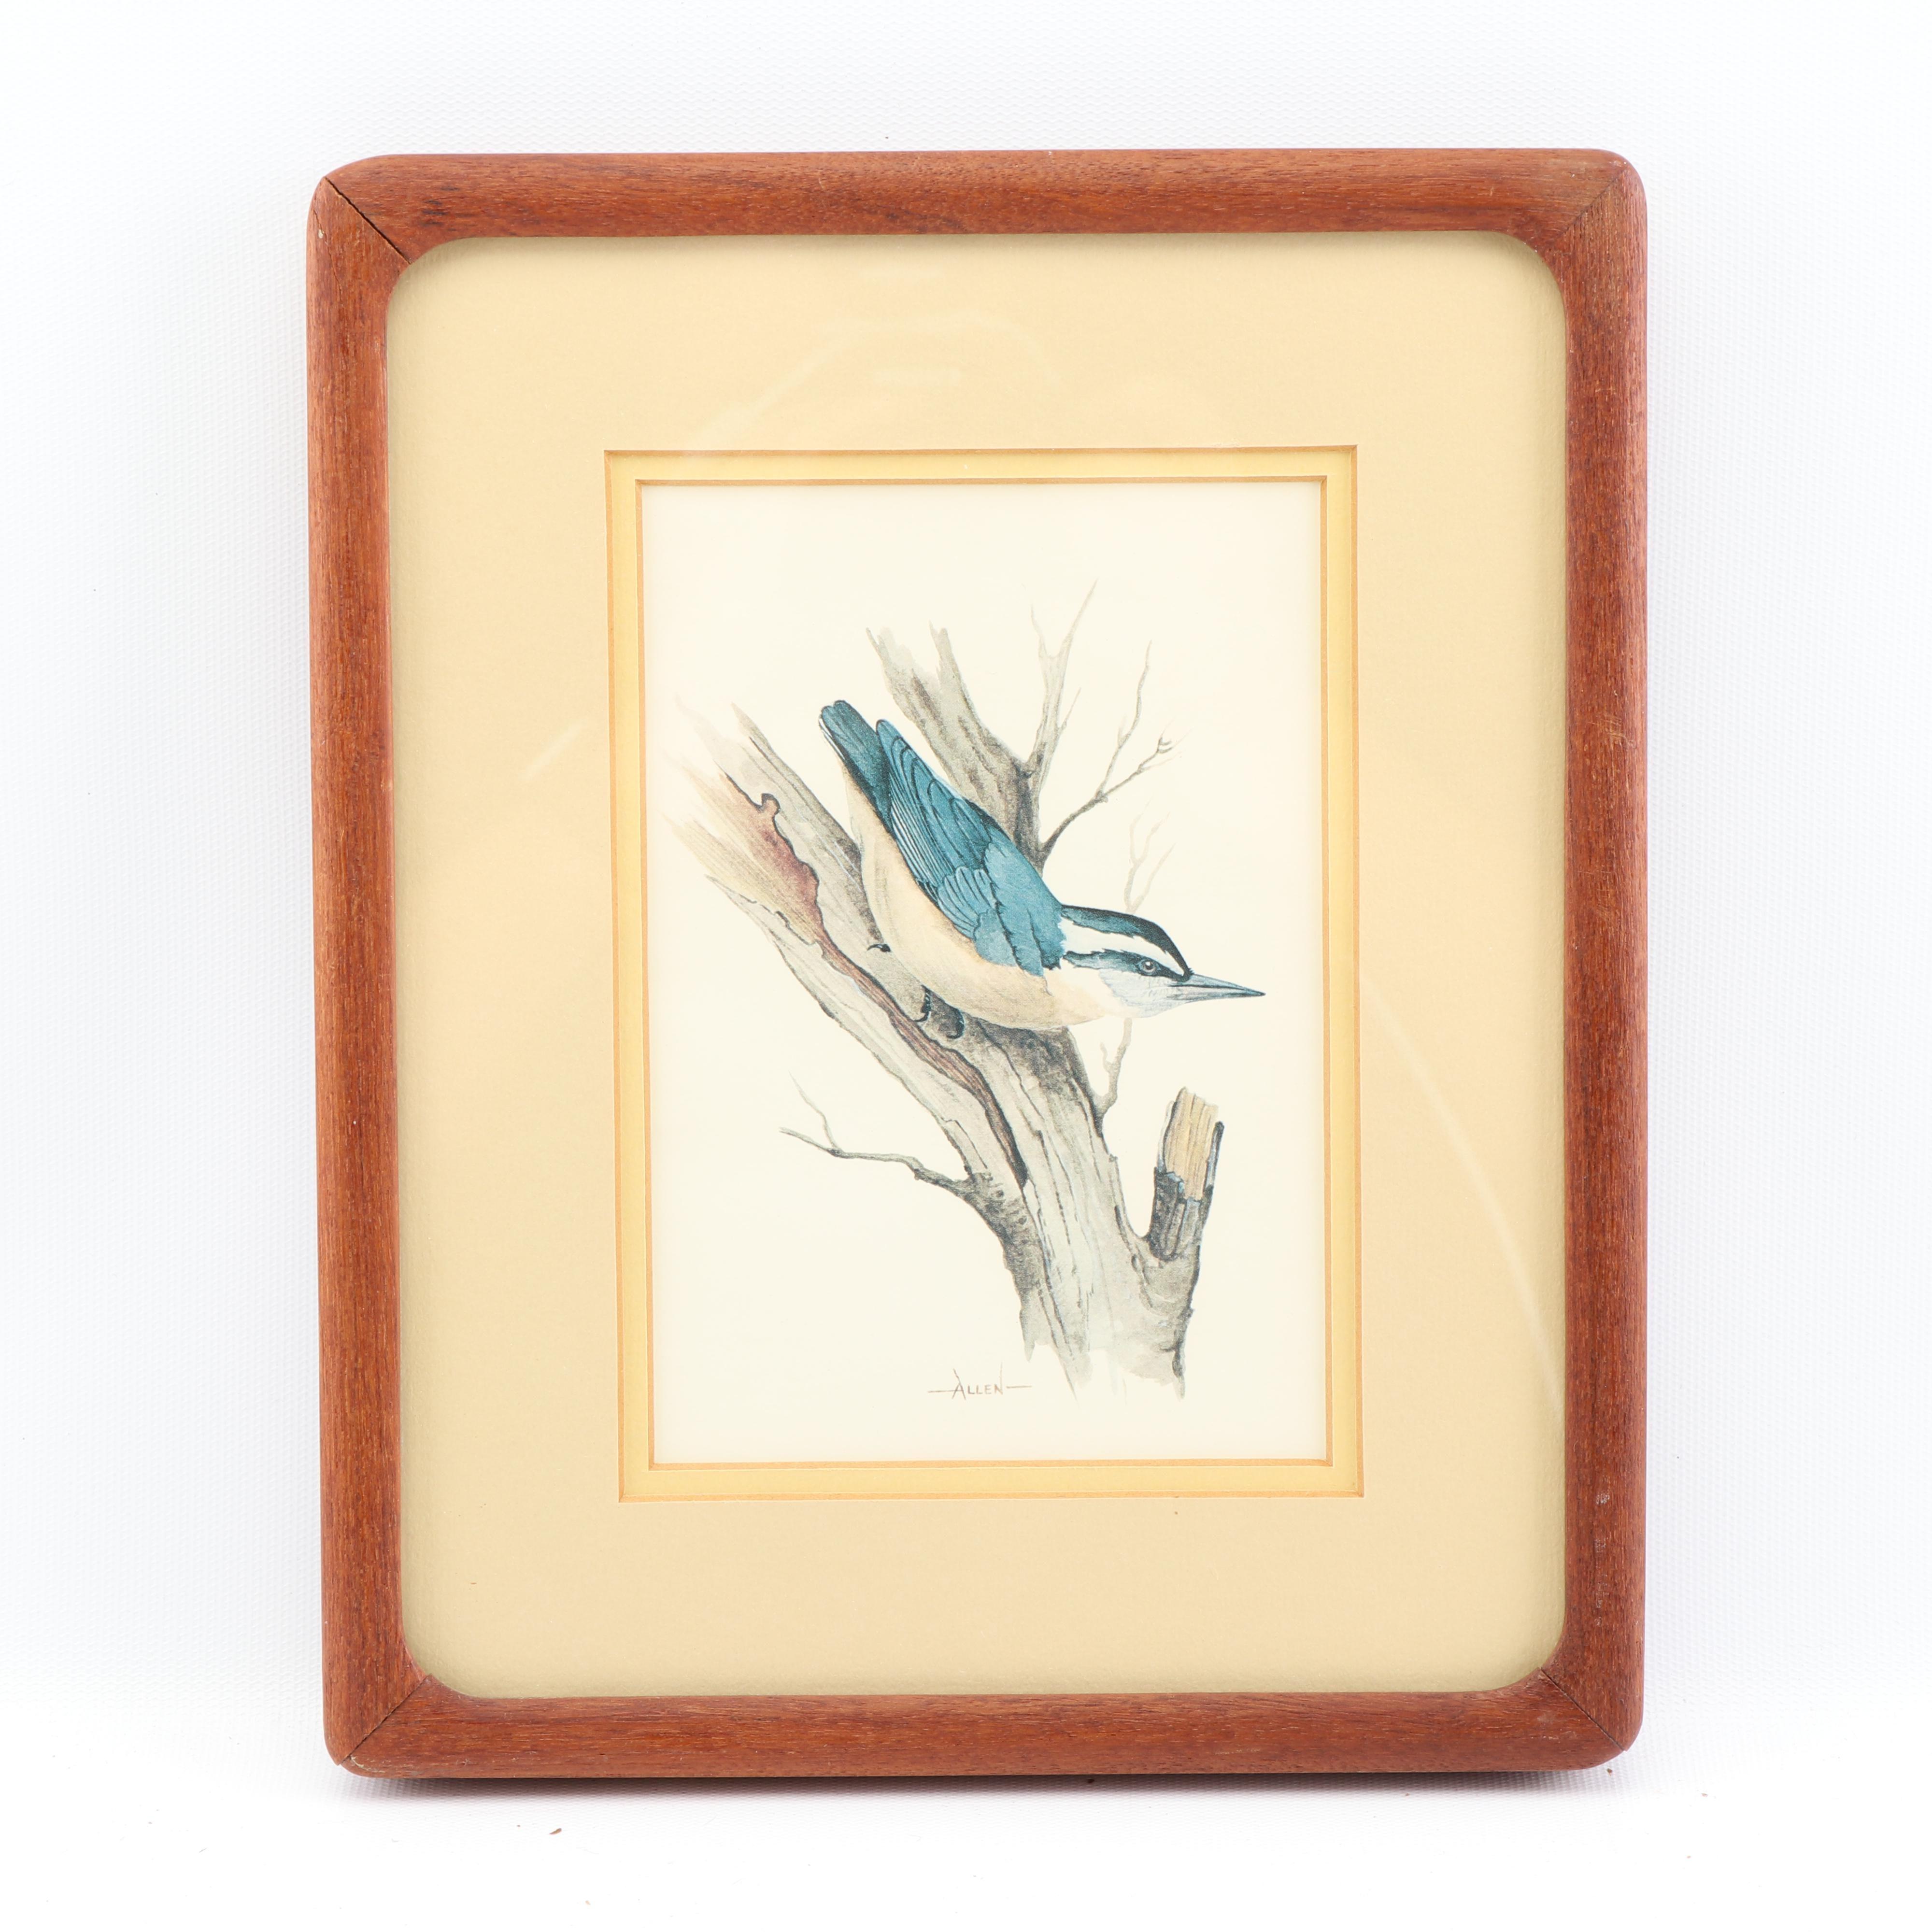 Allen Offset Lithograph on Bird